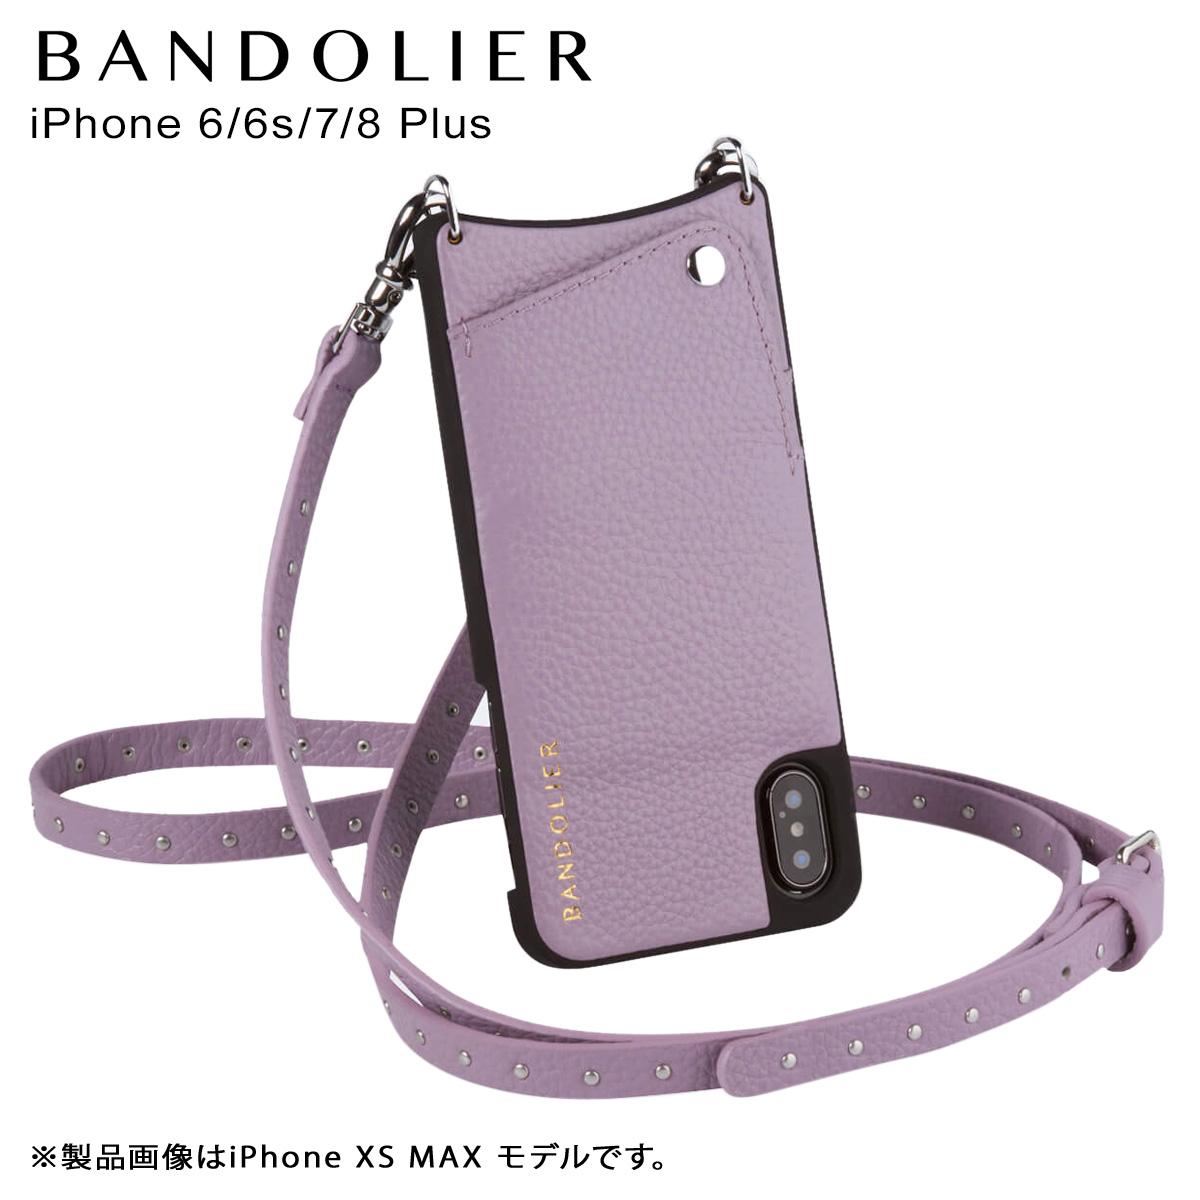 BANDOLIER バンドリヤー iPhone8Plus iPhone7Plus 6sPlus ケース ショルダー スマホ アイフォン レザー NICOLE LILAC メンズ レディース ライラック 10NIC1001 [2/1 新入荷]